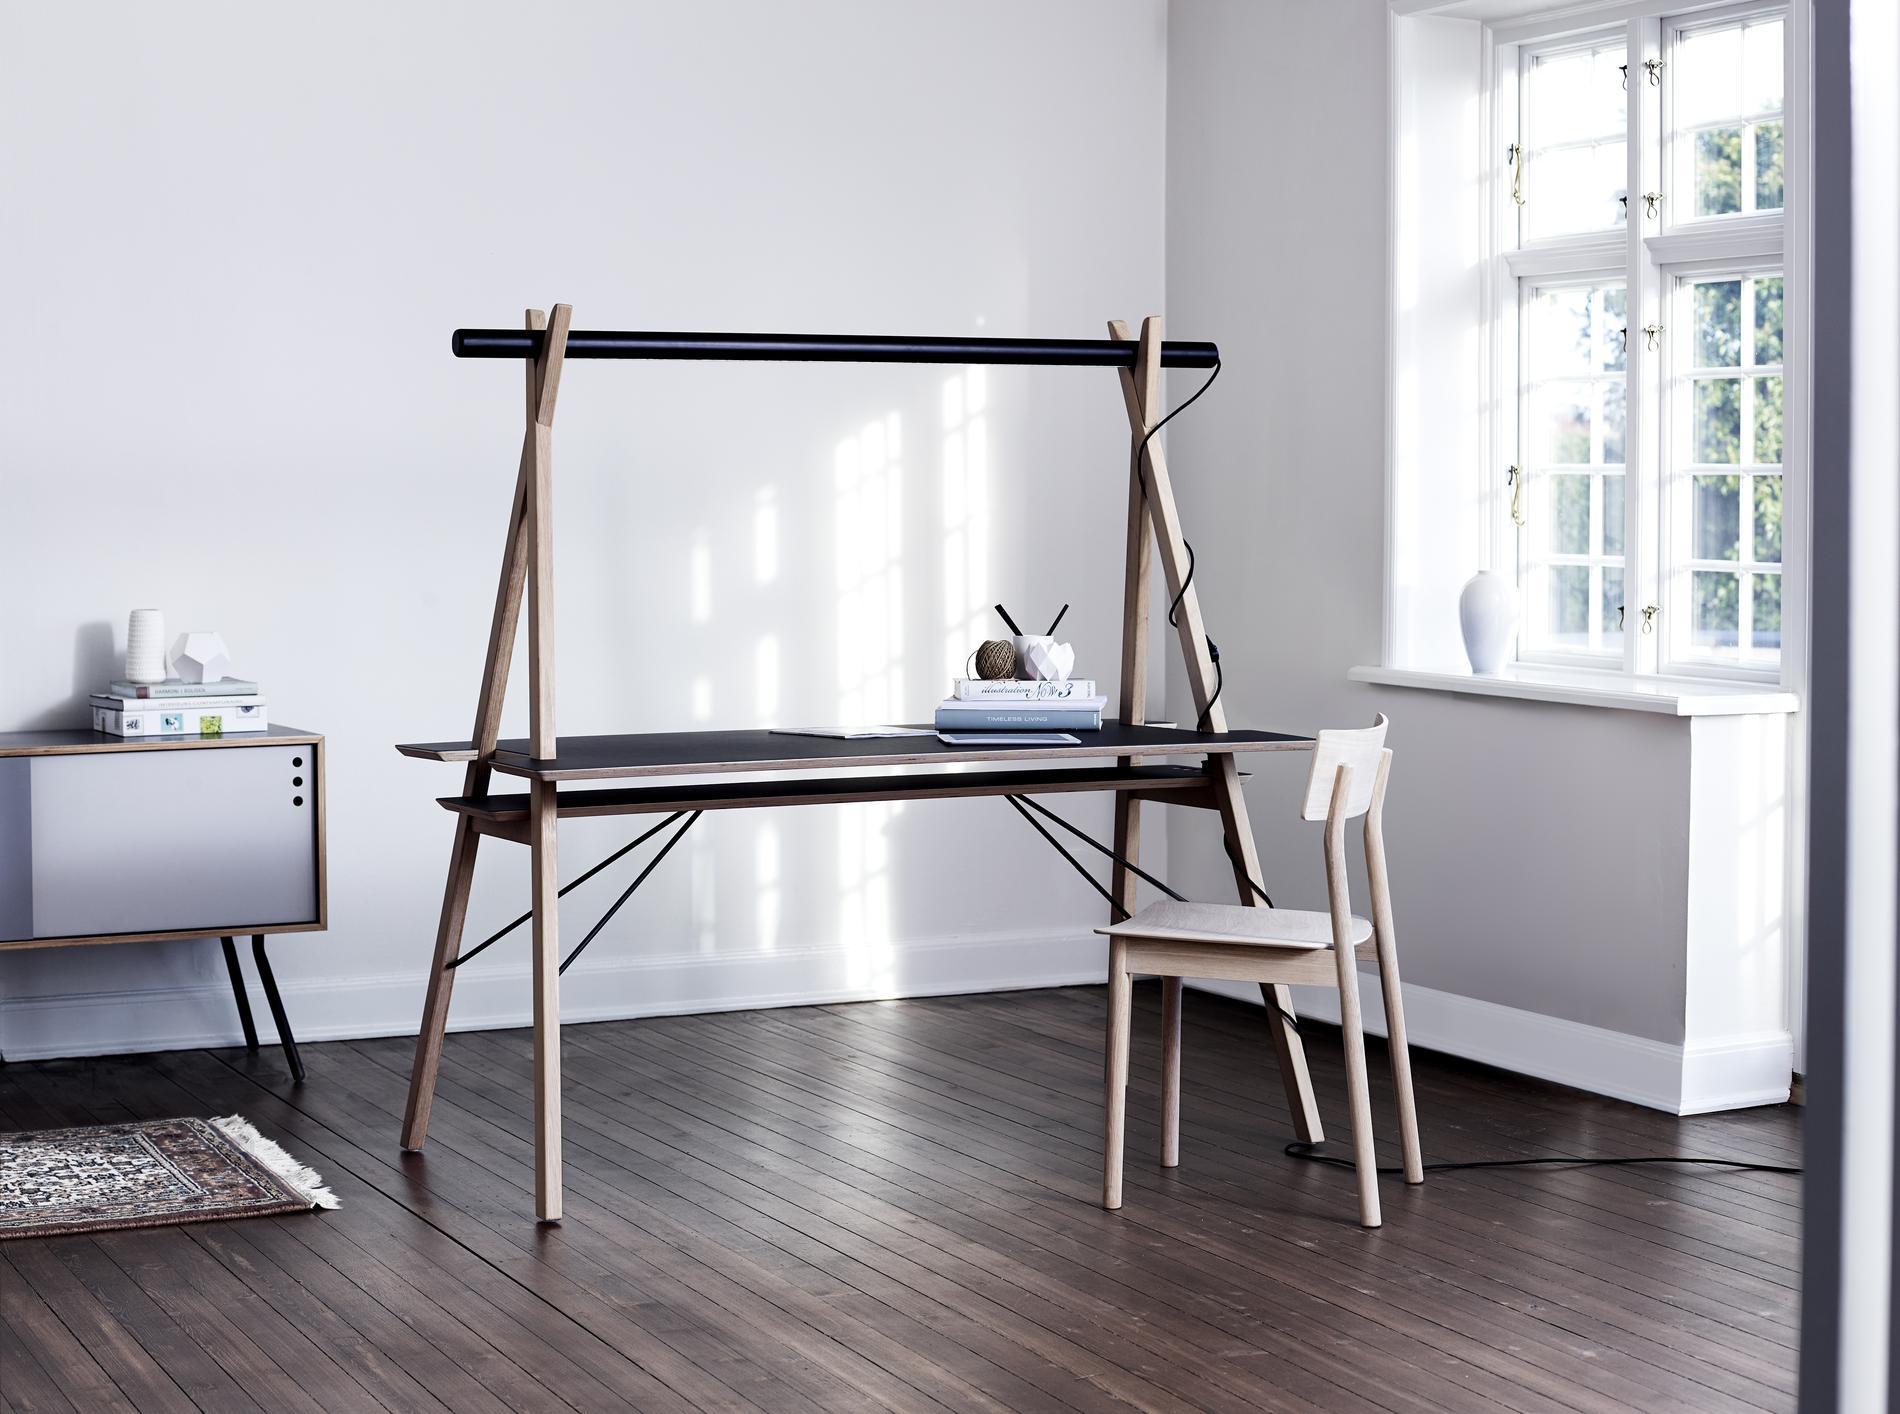 un bureau domicile des mod les compacts et design madame. Black Bedroom Furniture Sets. Home Design Ideas